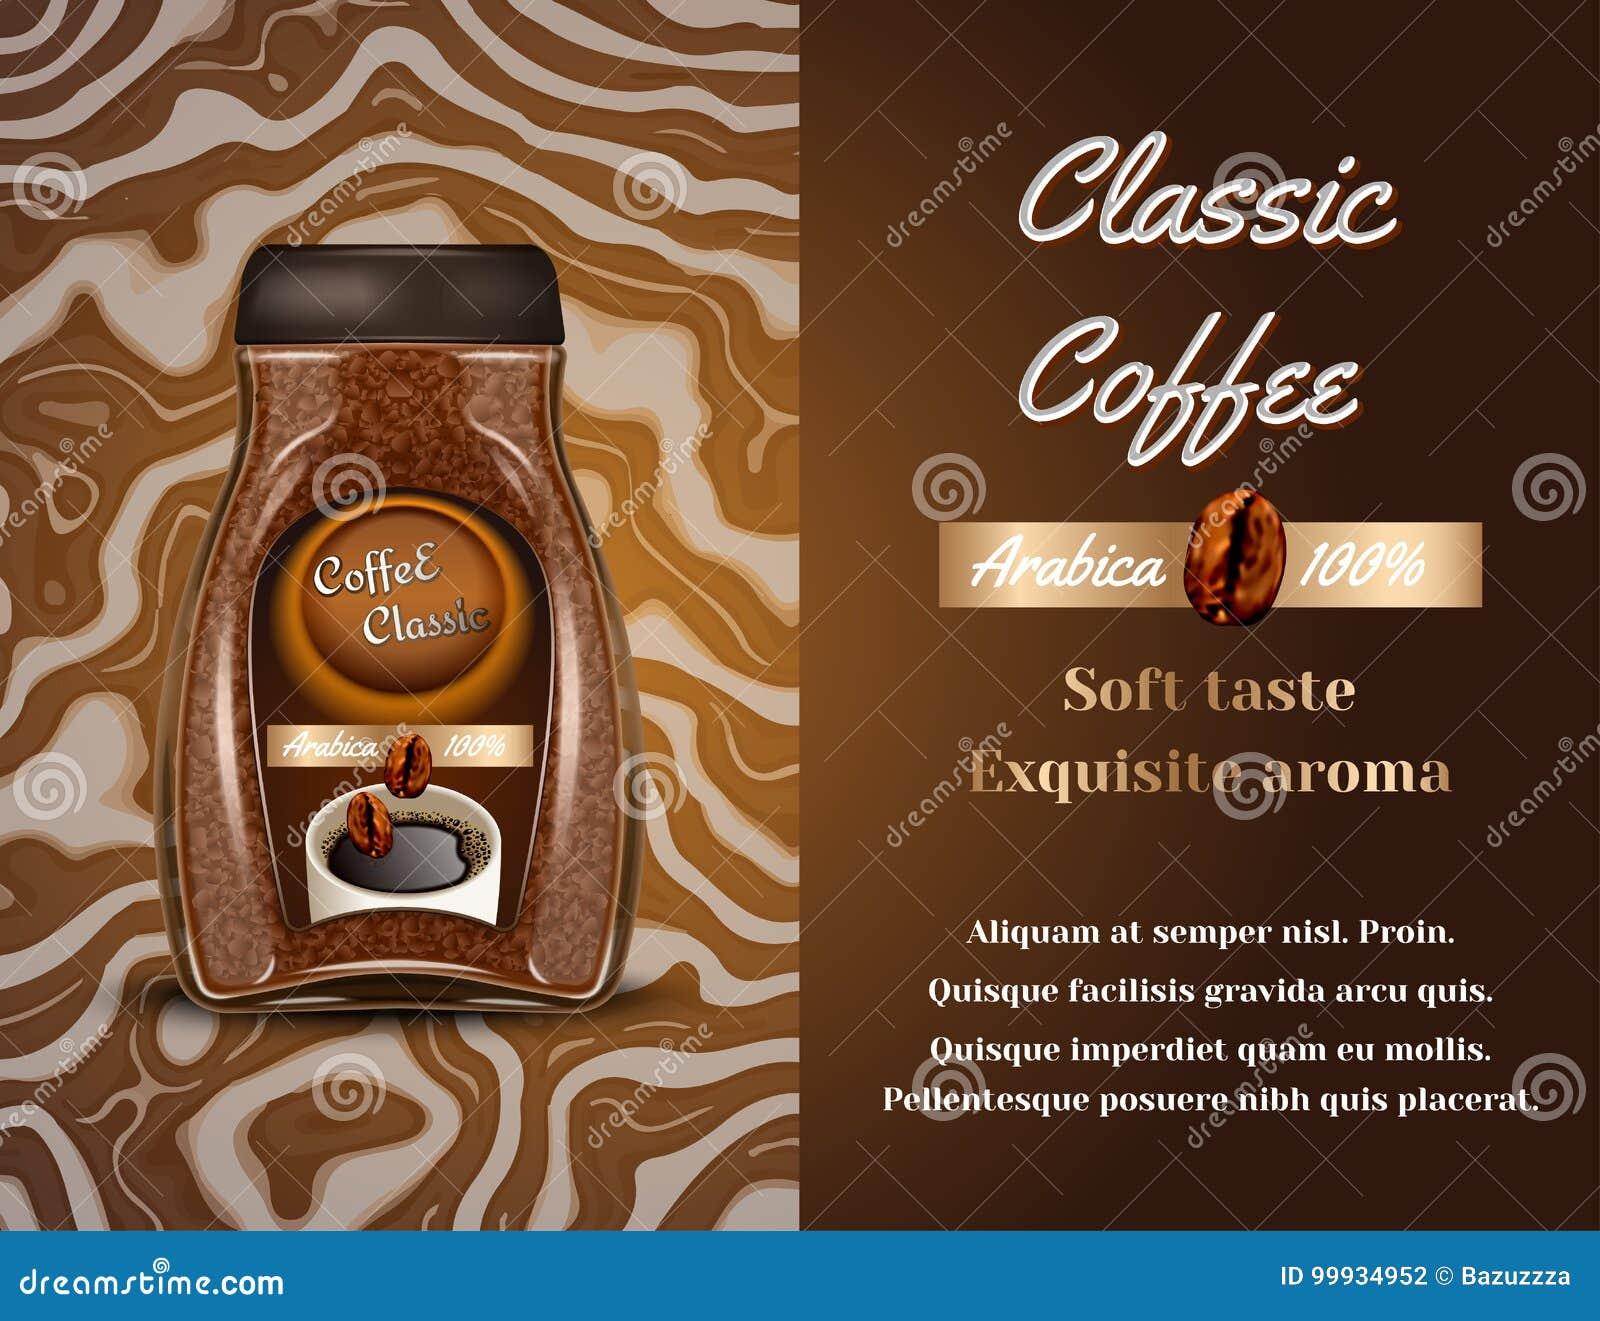 Anuncio de productos del café Ilustración del vector 3d Diseño de la plantilla de la botella del café instantáneo Anuncio de la b